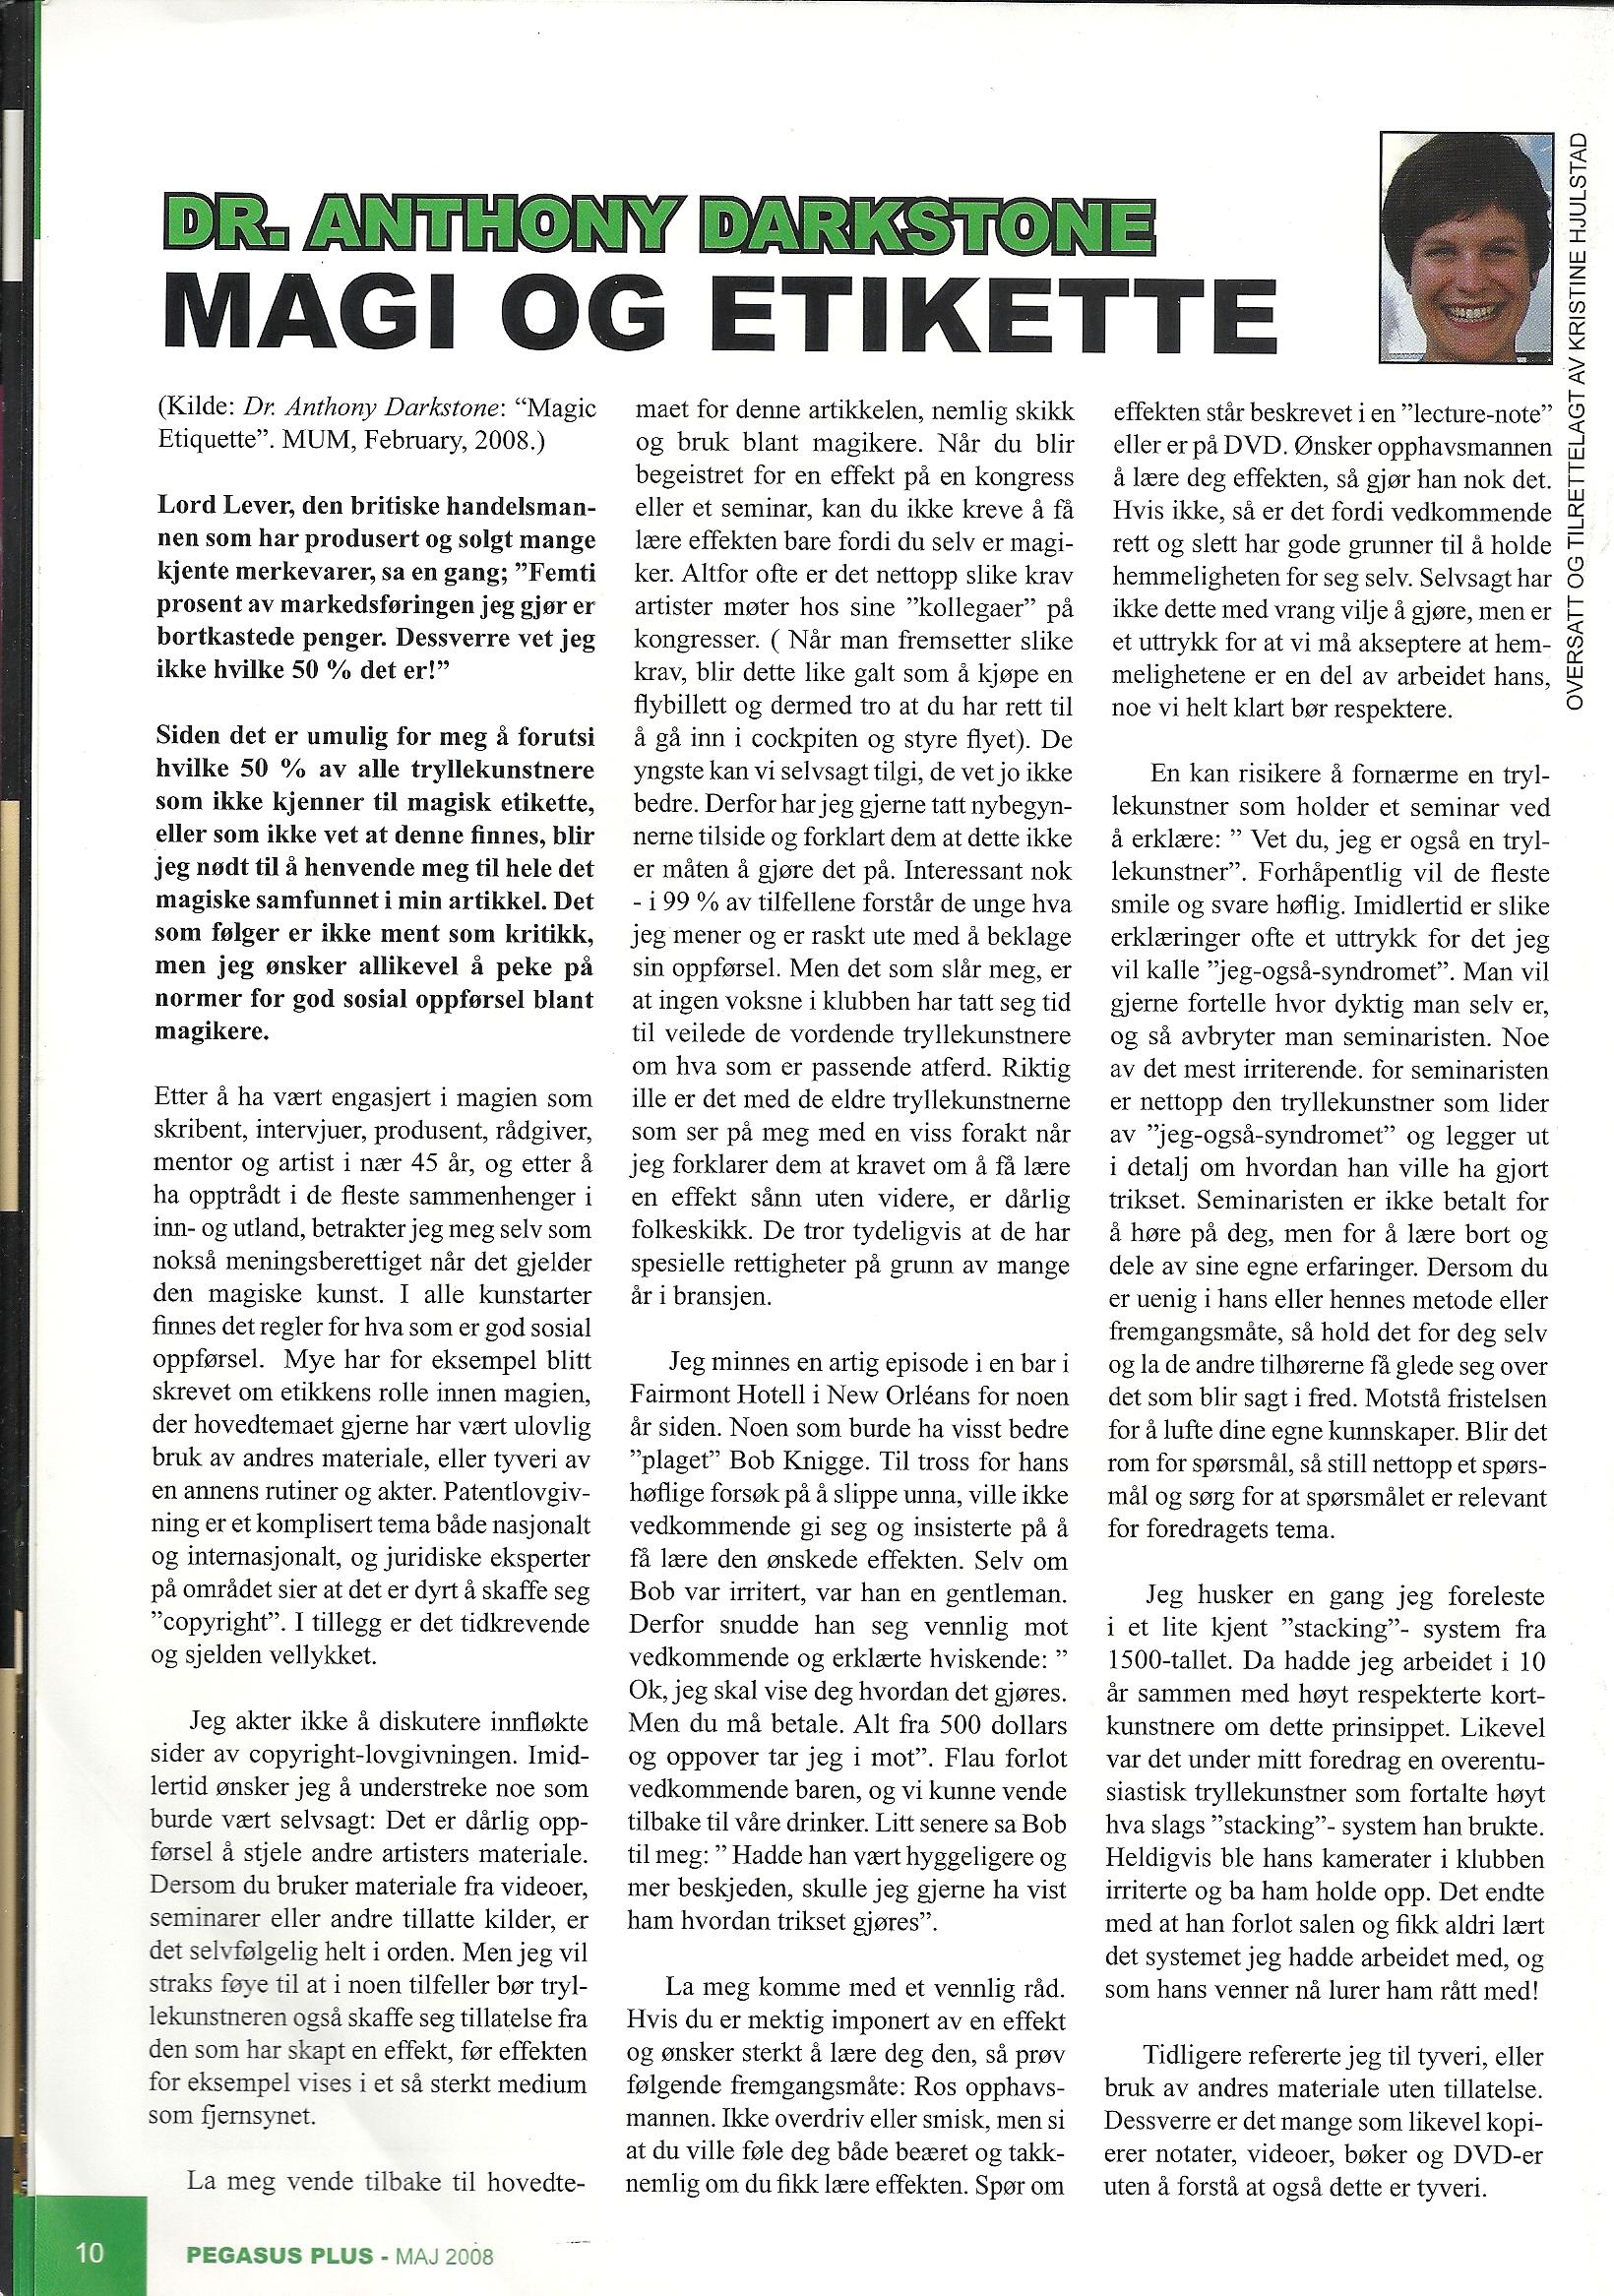 Pegasus Magic Magazine May 2008 Dr Anthony Darstone